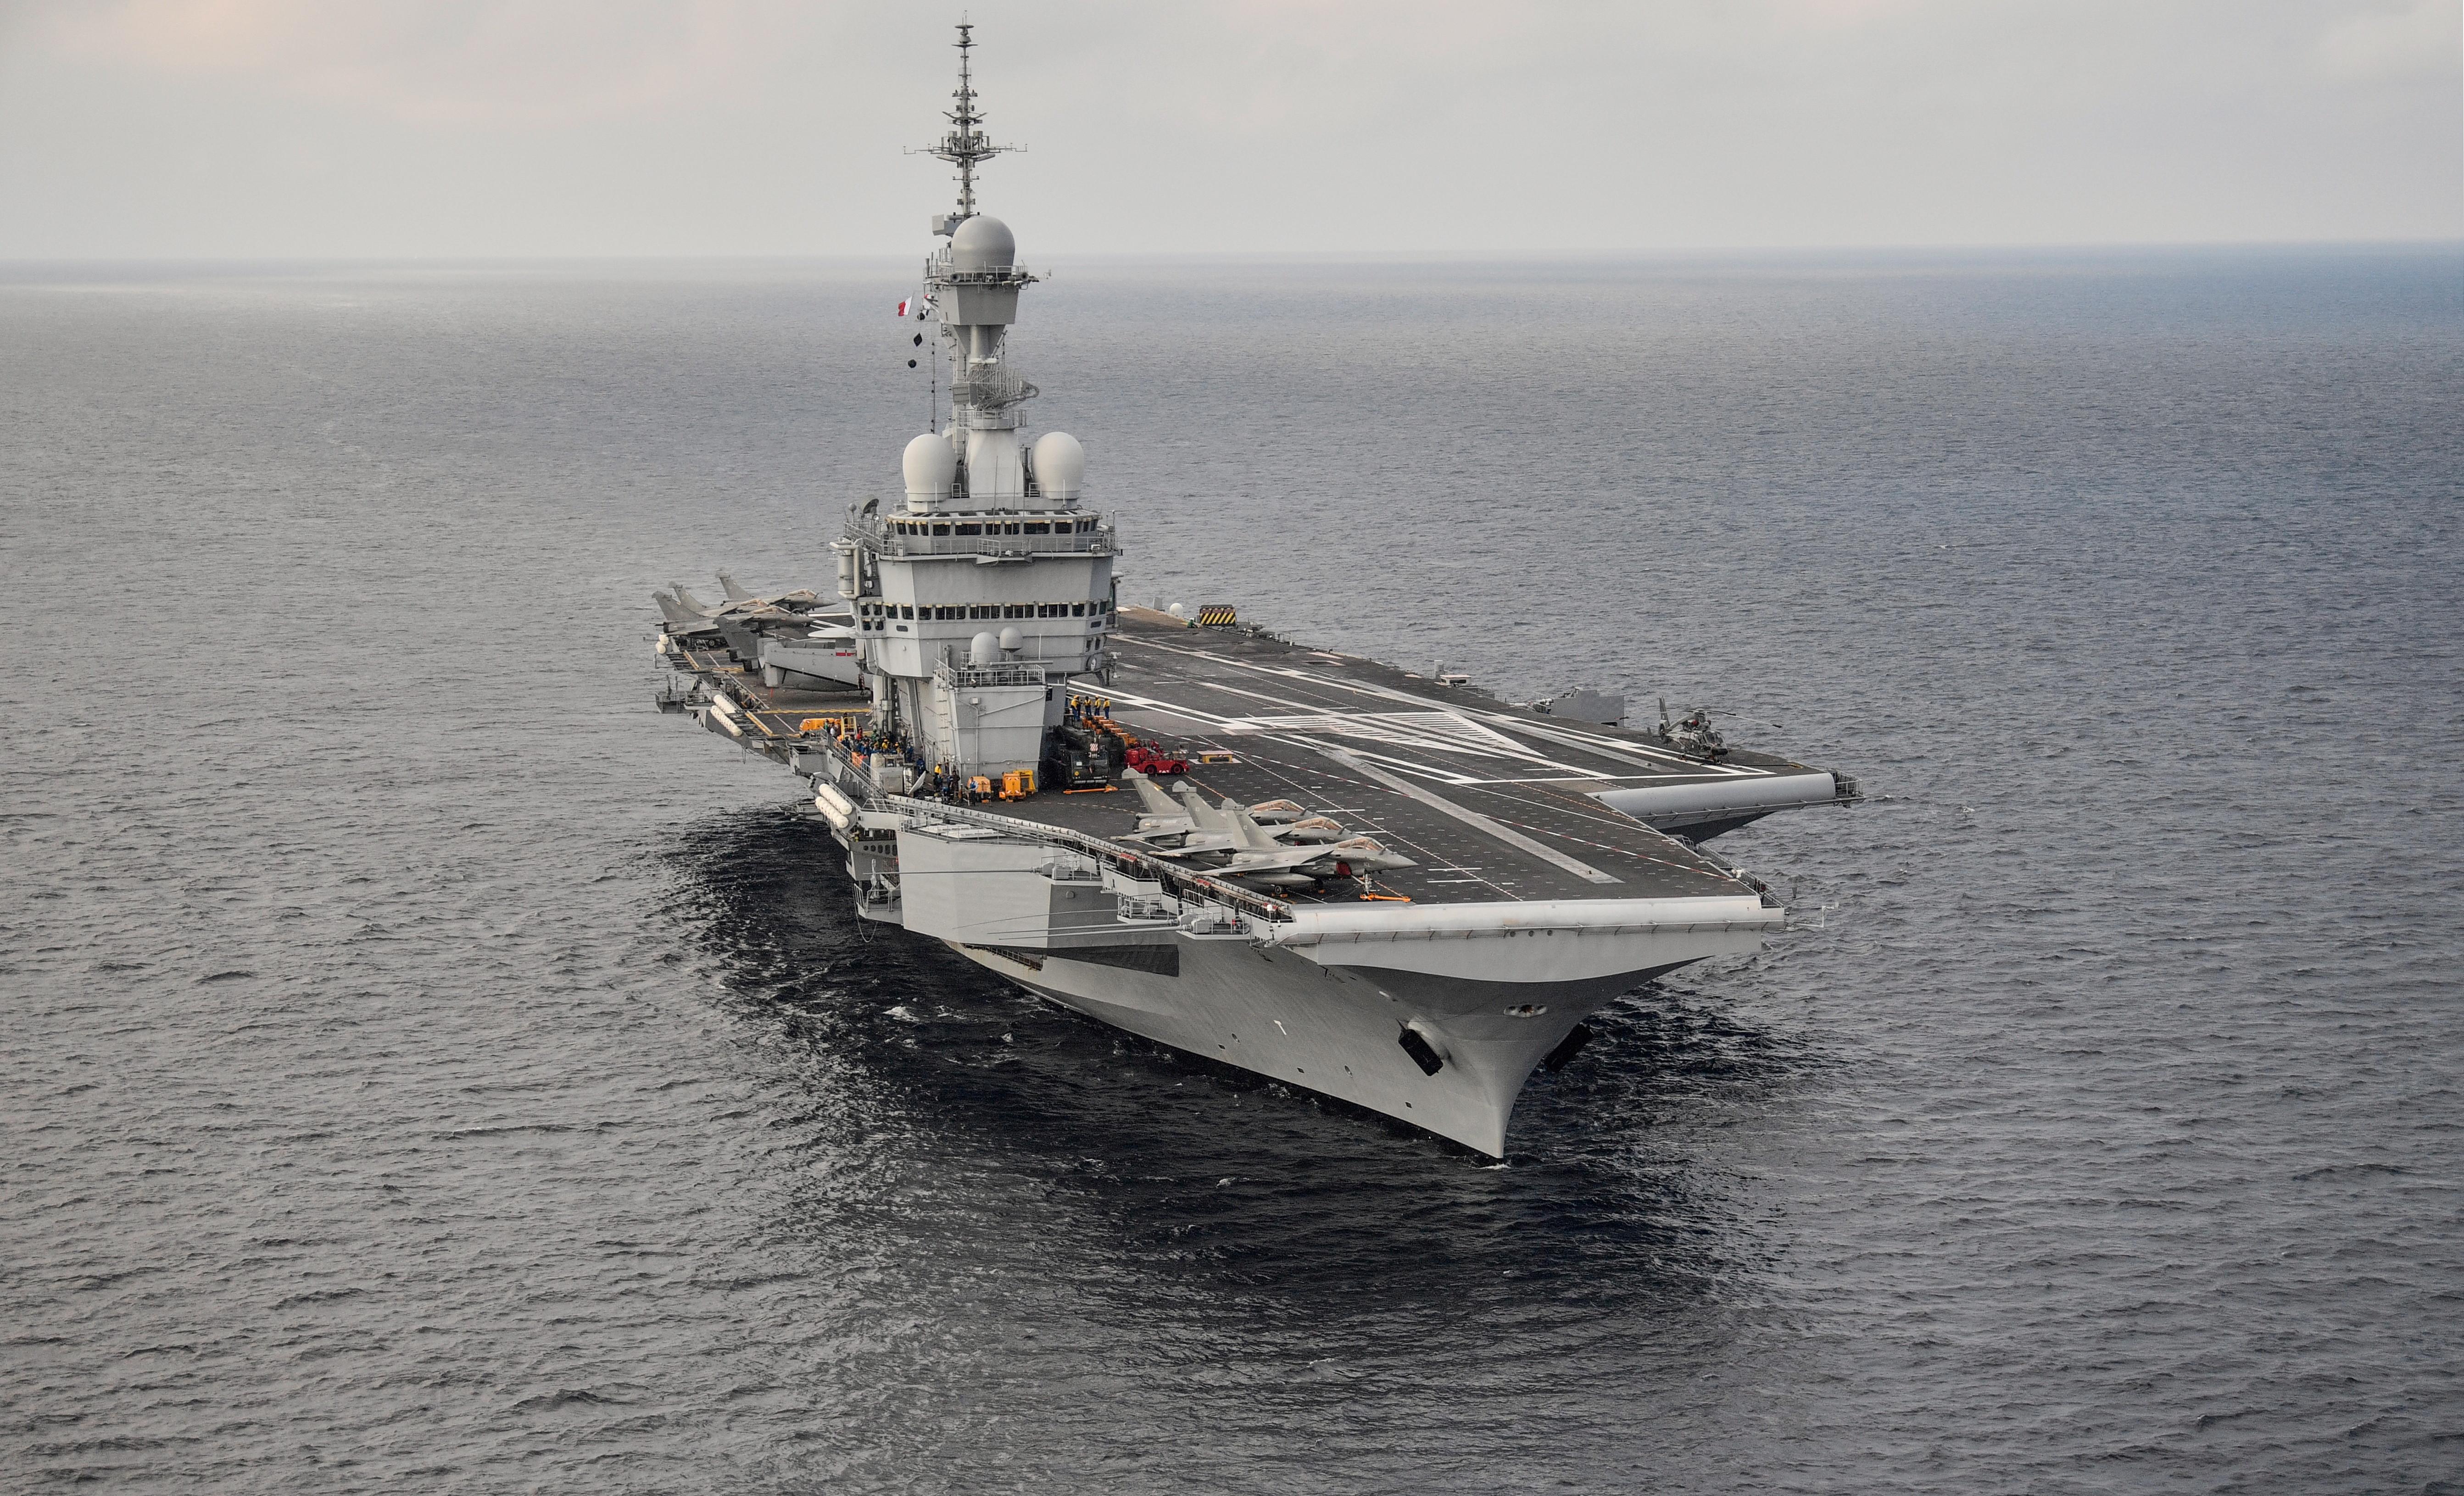 Fragata portuguesa escolta porta-aviões francês em missão no Mediterrâneo